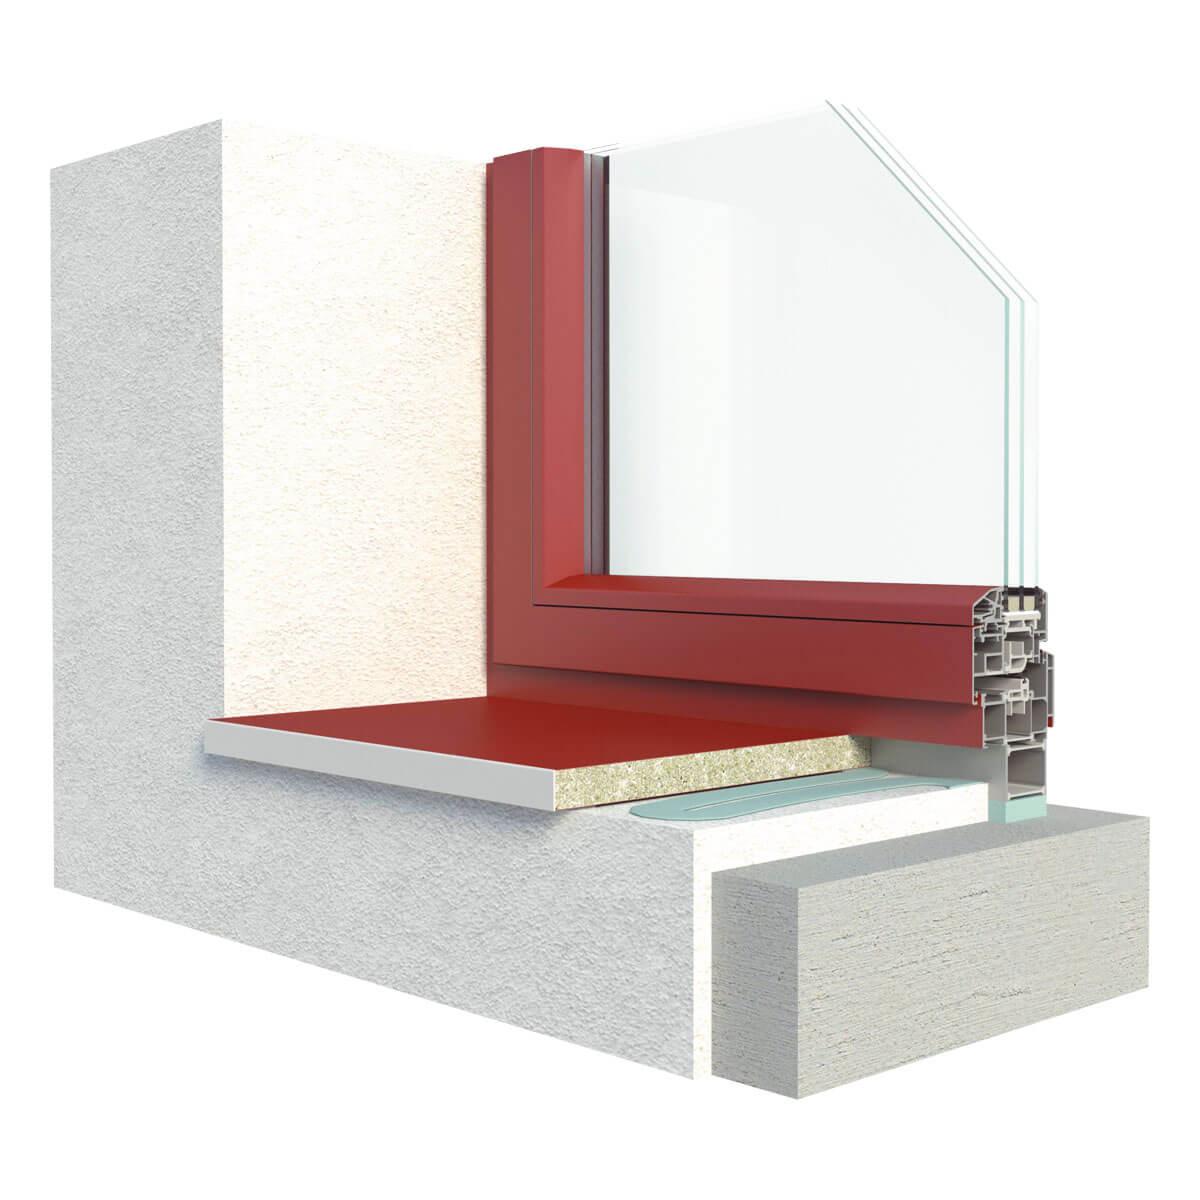 Großzügig Eternit Fensterbänke Streichen Bilder - Schlafzimmer Ideen ...